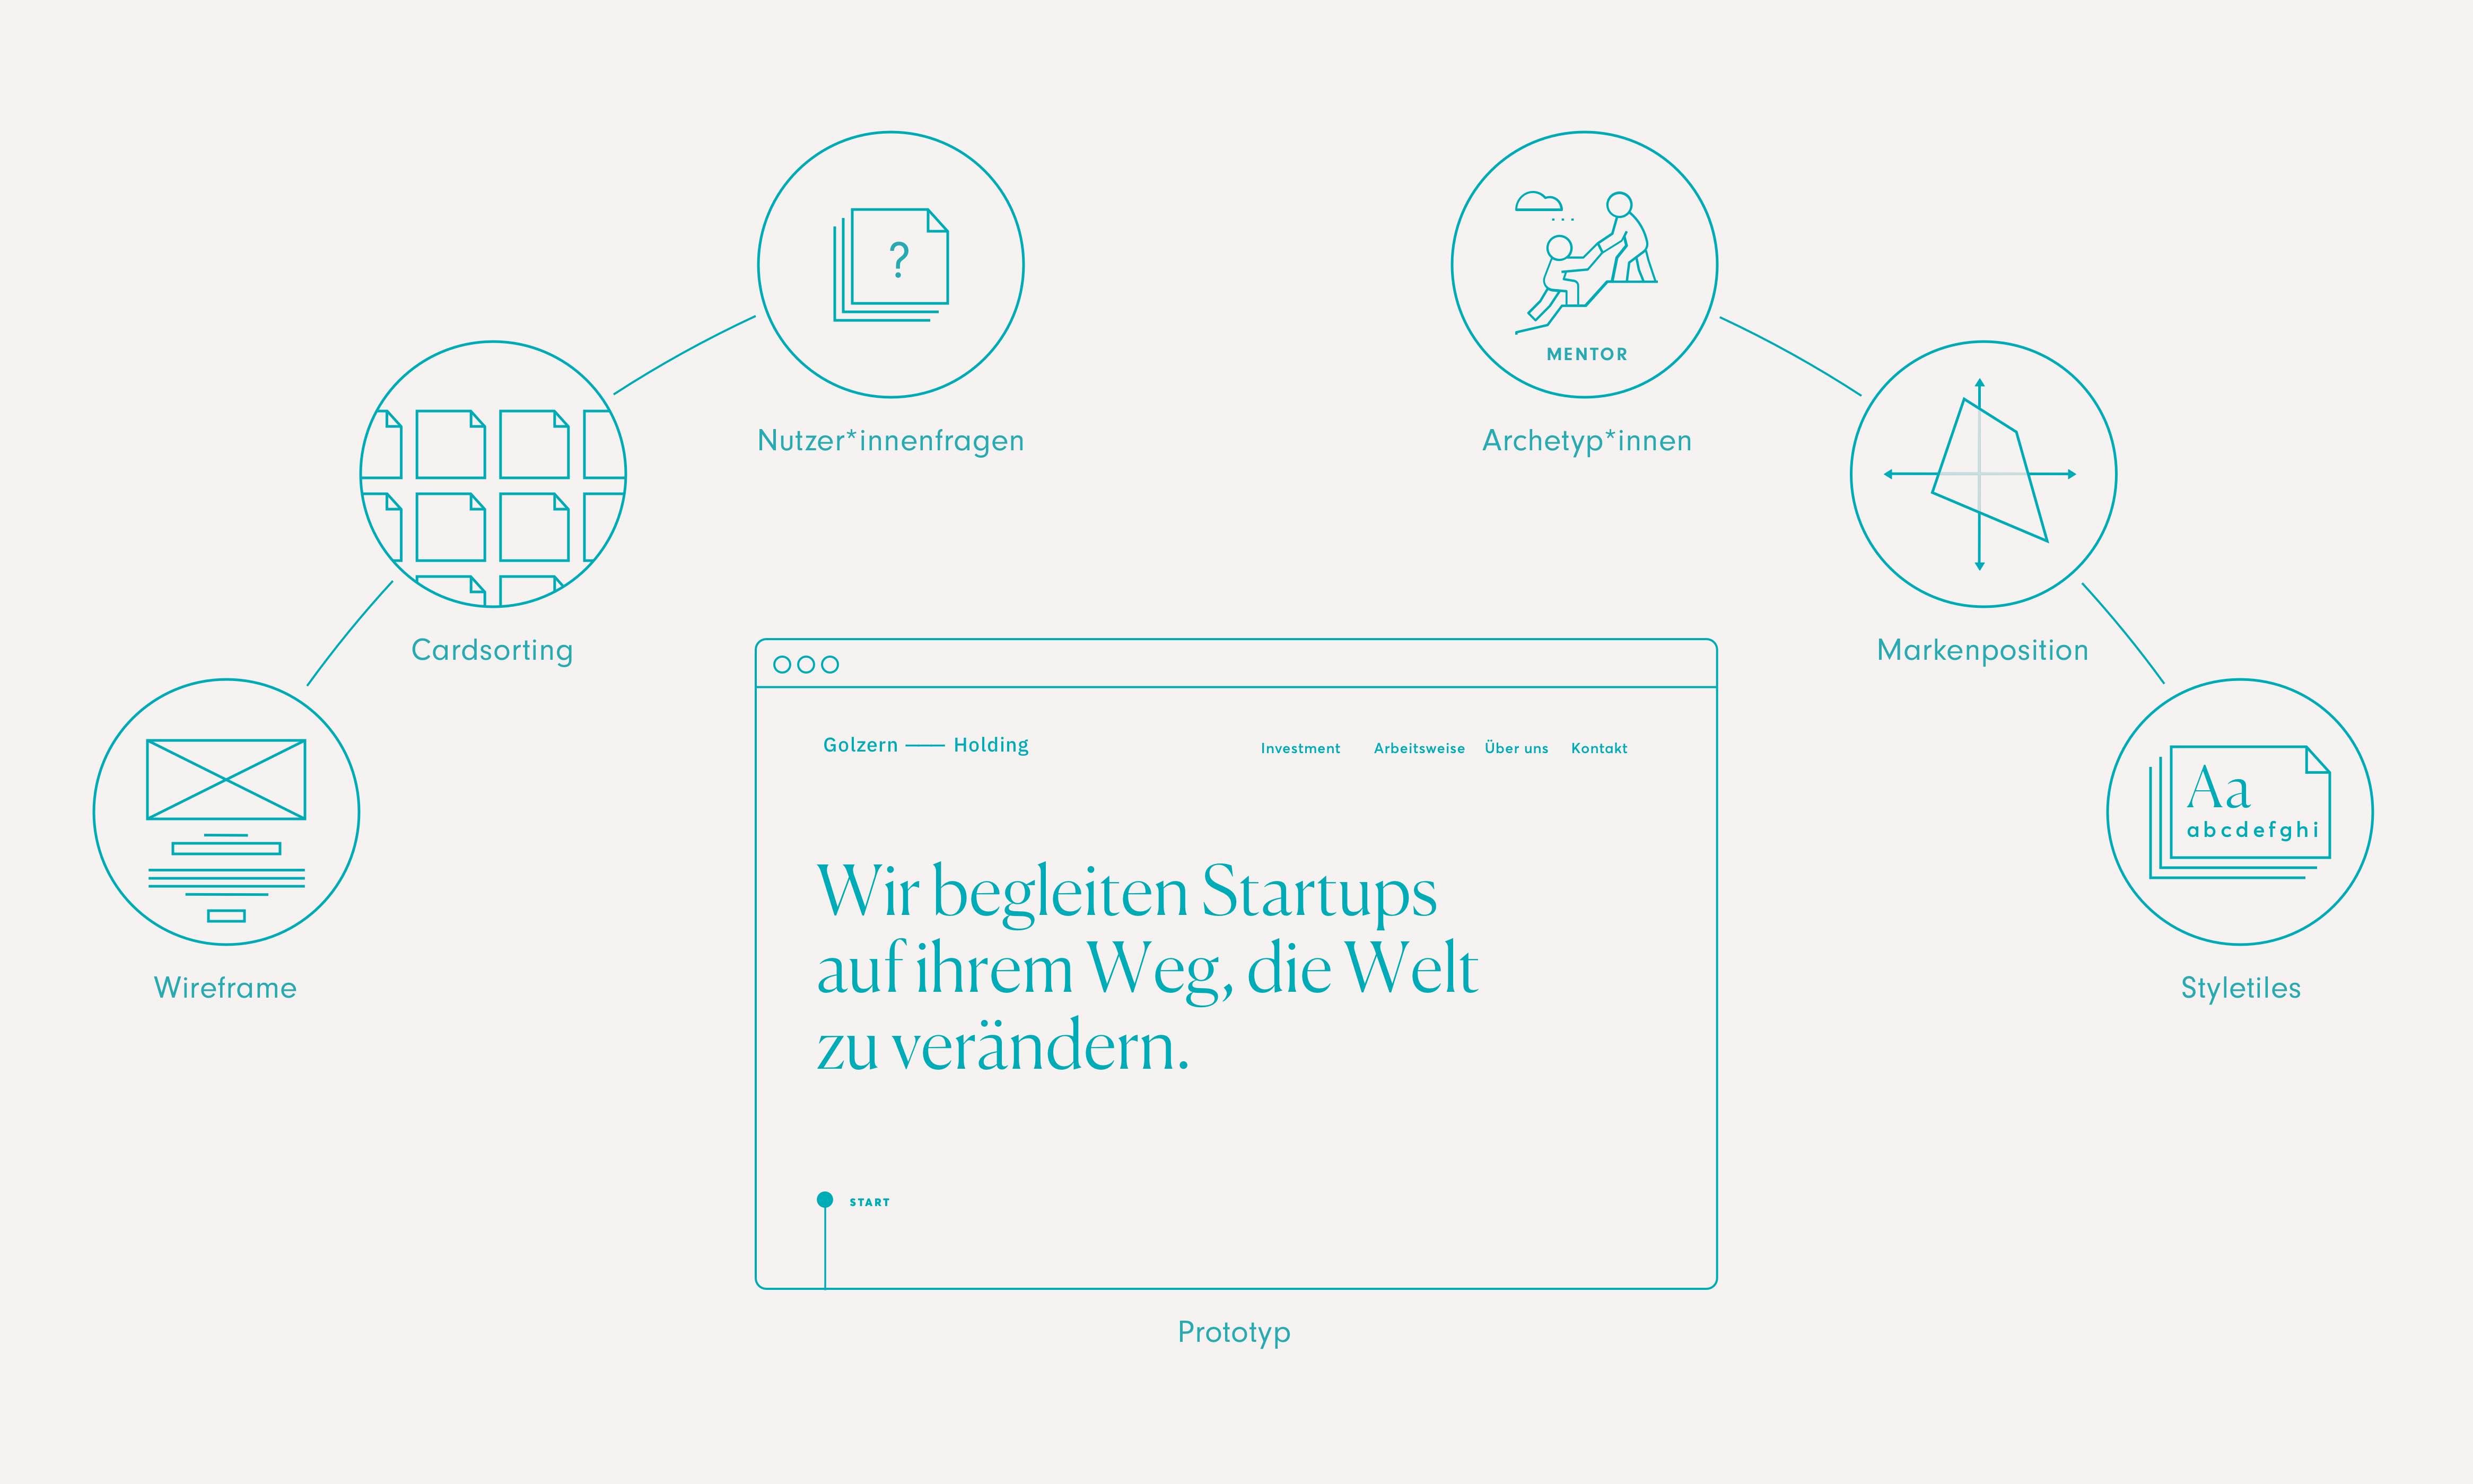 """Zentrum = Skizze der Startseite; Markenposition, Styletiles links 3 Blasen mit den Titel Wireframe, Cardsorting, Nutzerfragen; rechts 3 Blasen mit Archetyp """"Mentor"""","""